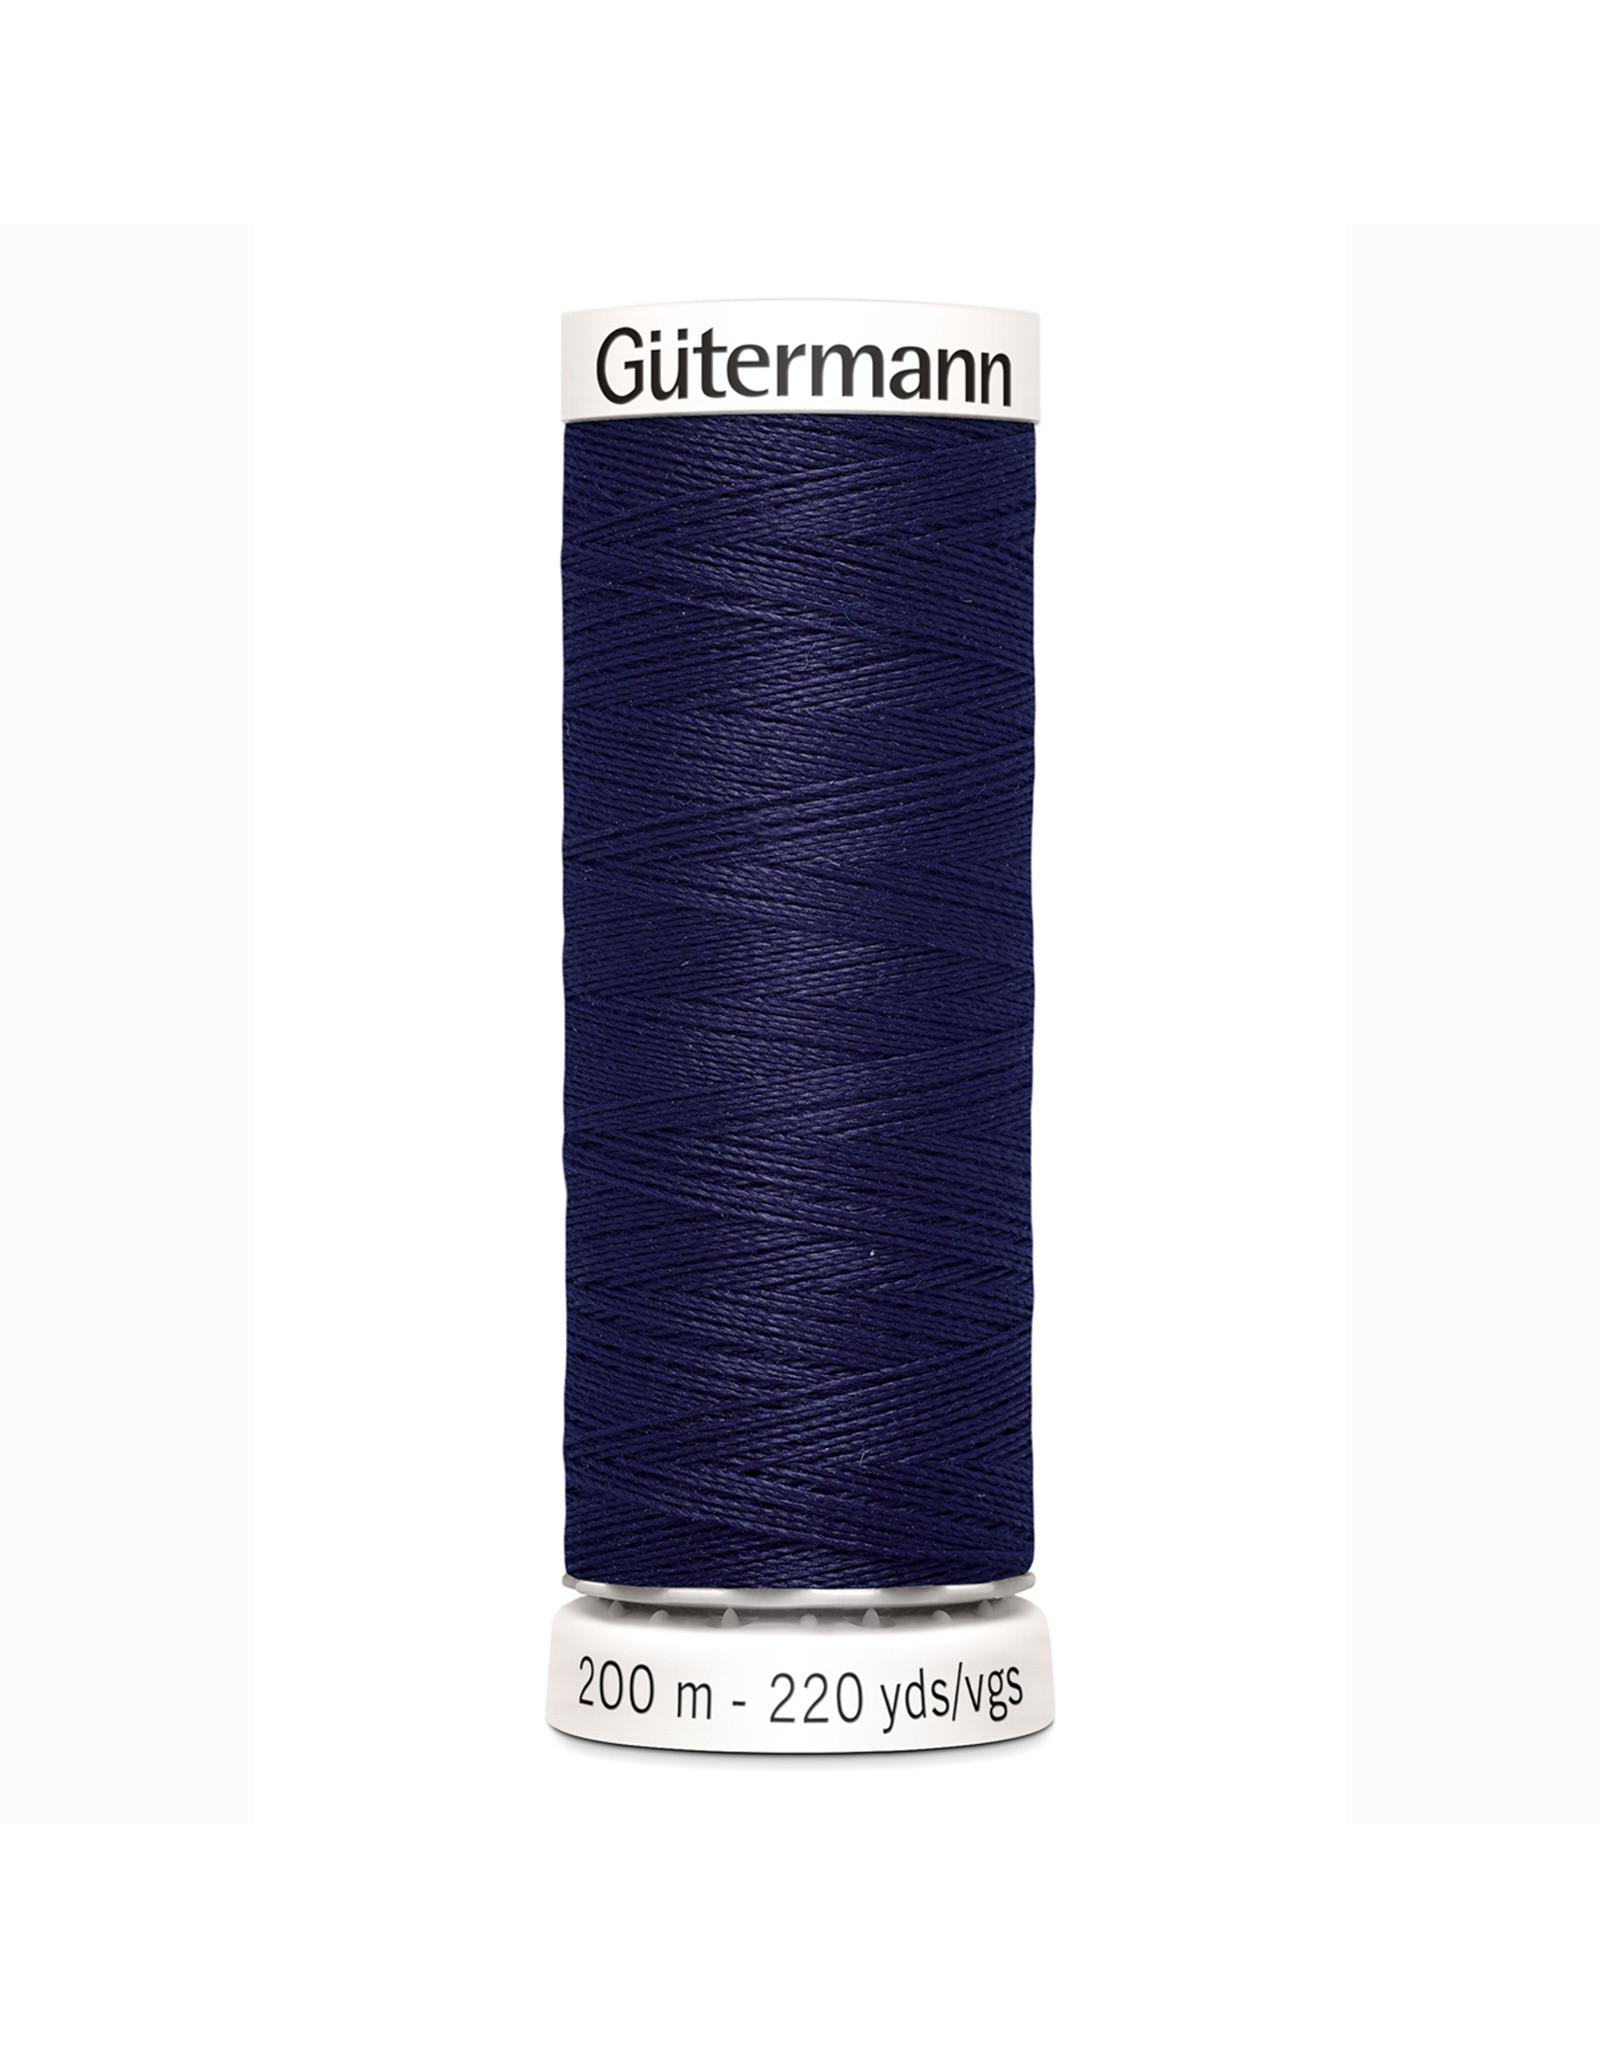 Gütermann Gütermann Nähgarn 200 m - nr 324